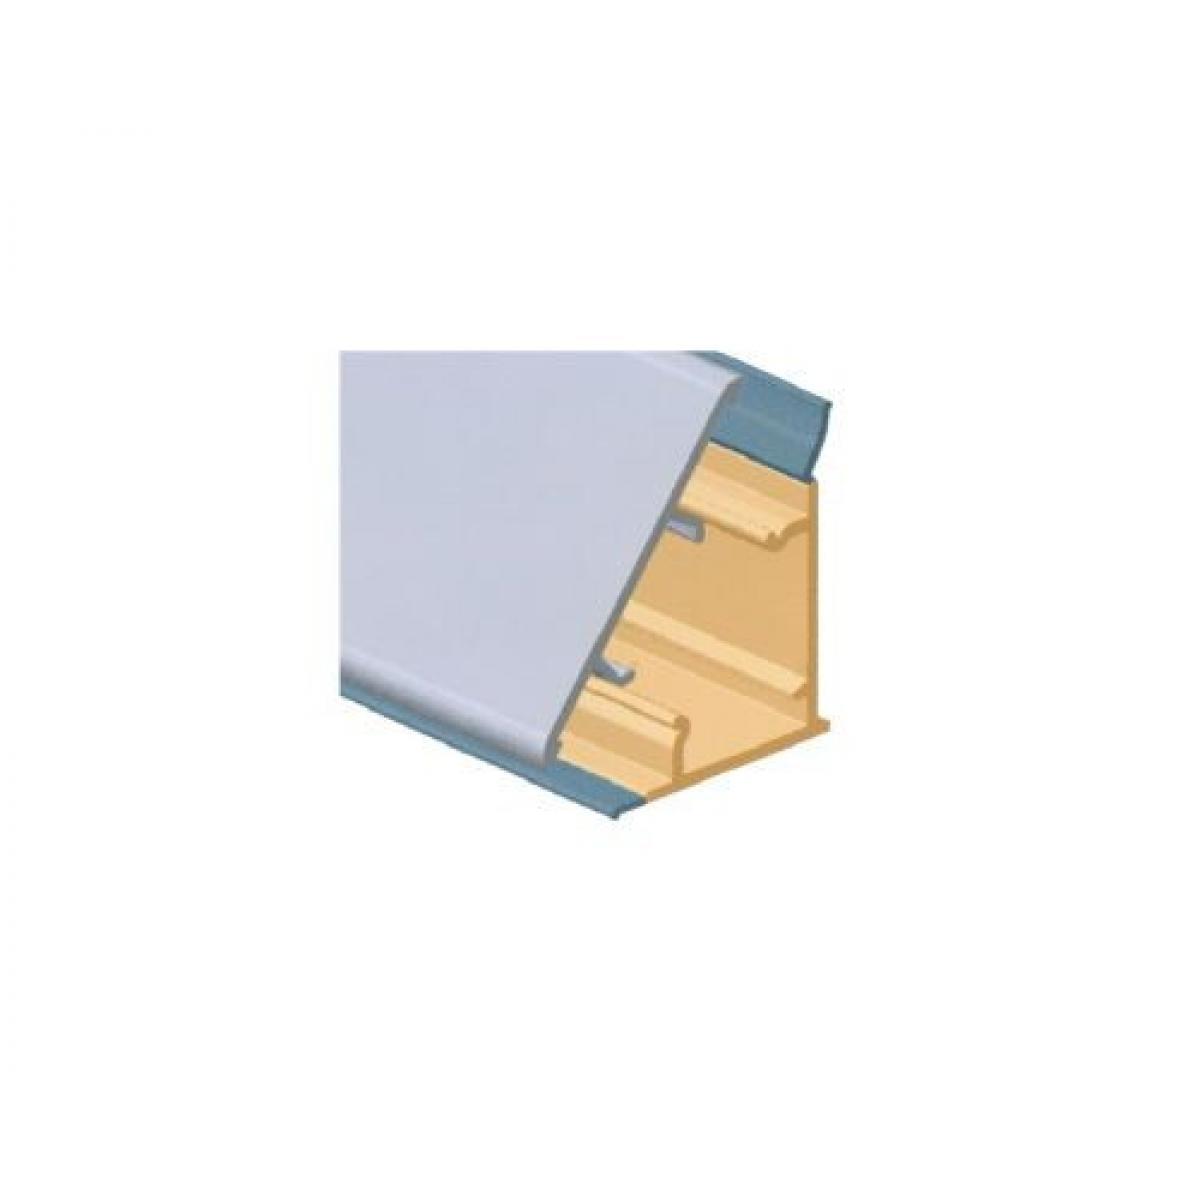 Плинтус столешницы M3500, с алюминиевой вставкой L=4000 цвет алюминий